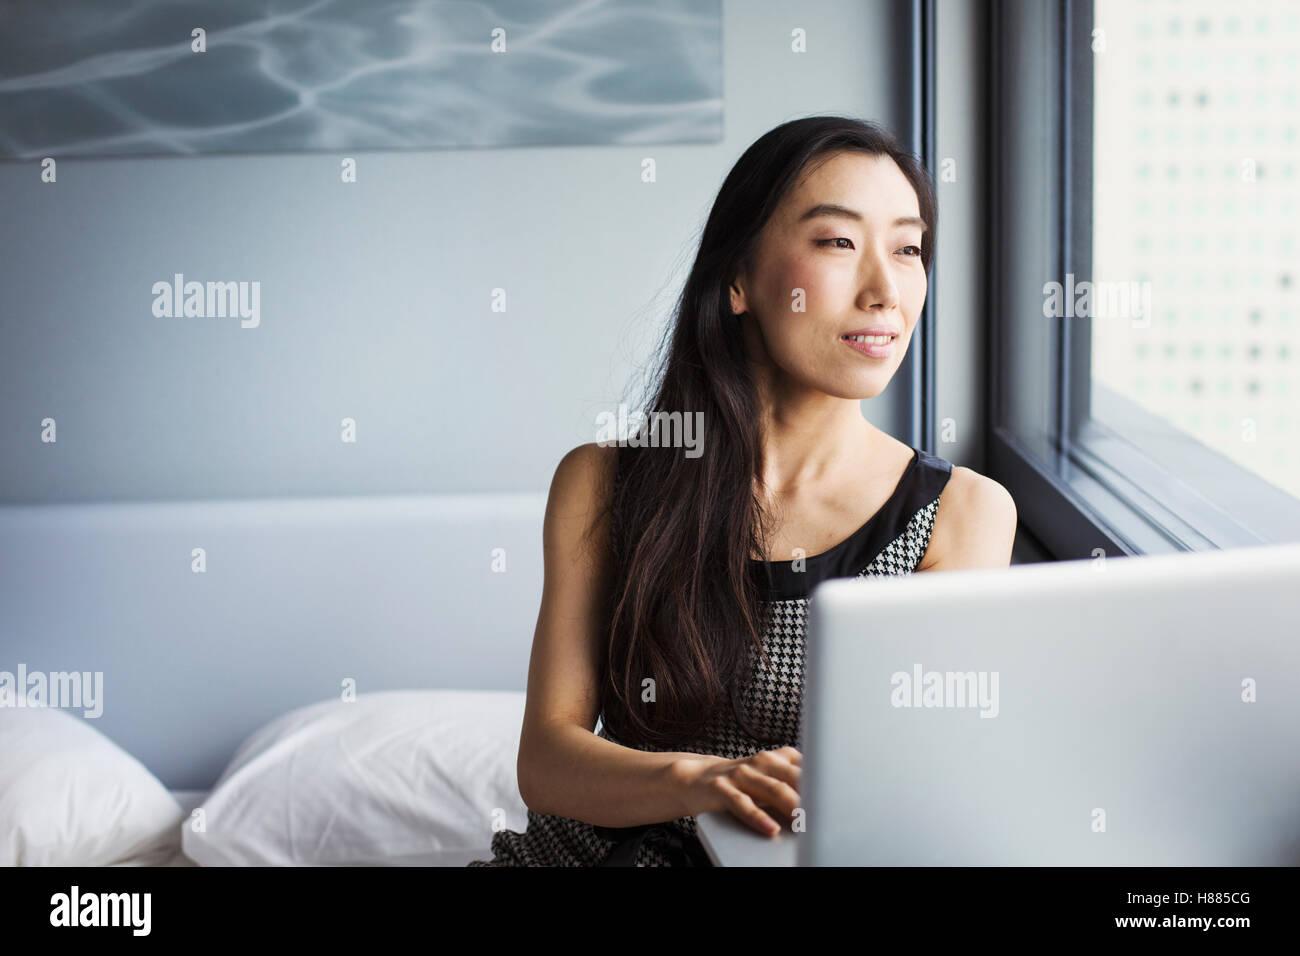 Un negocio mujer vestida, sentada en su cama usando un ordenador portátil. Imagen De Stock